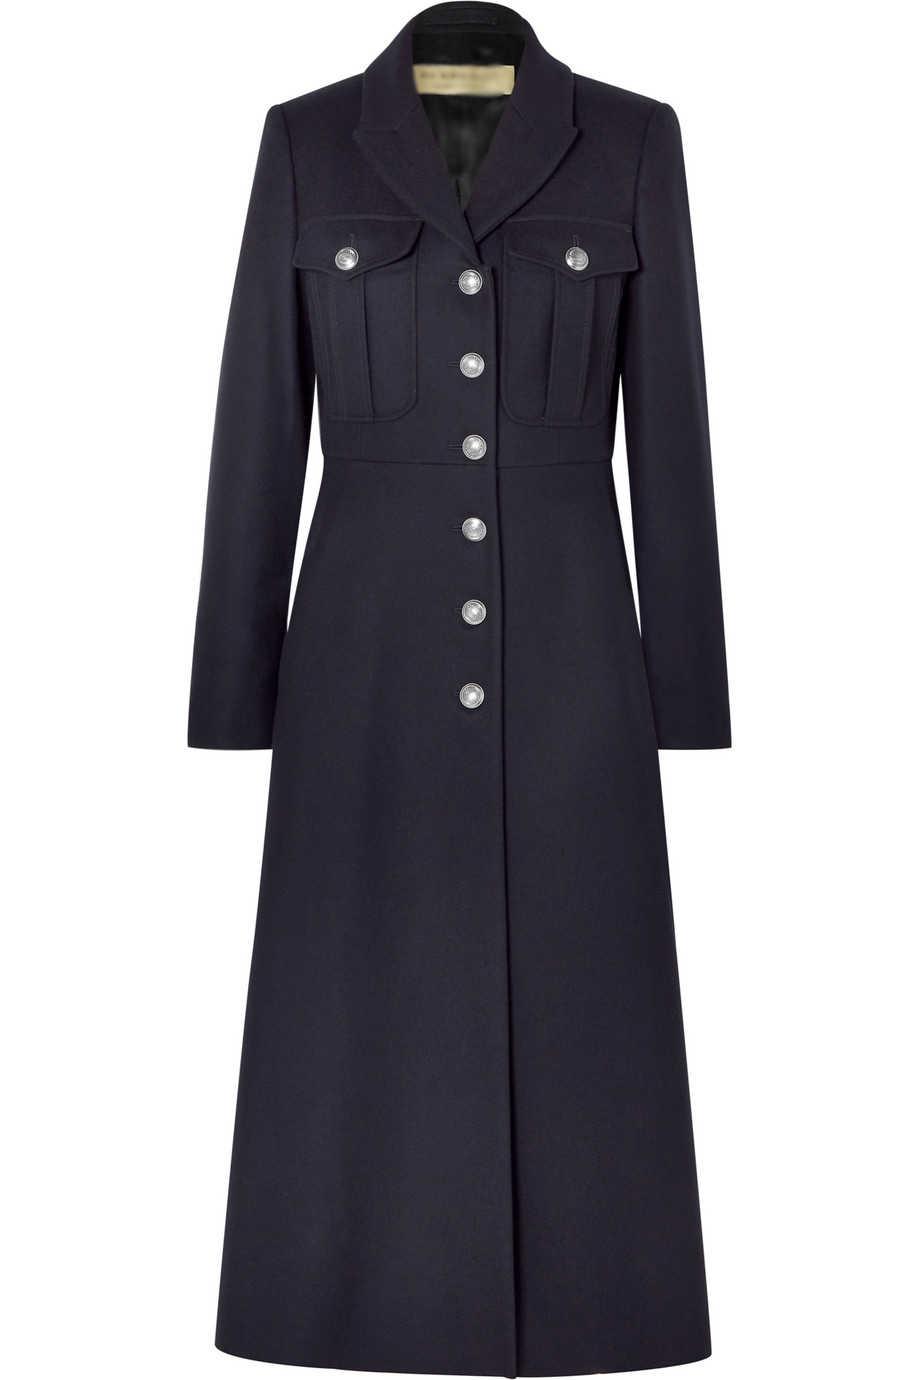 Casaco feminino 2019 UK Vrouwen Plus size Fall Winter Militaire stijl Wollen combineert Lange Jas Vrouwelijke Gewaad Bovenkleding manteau femme